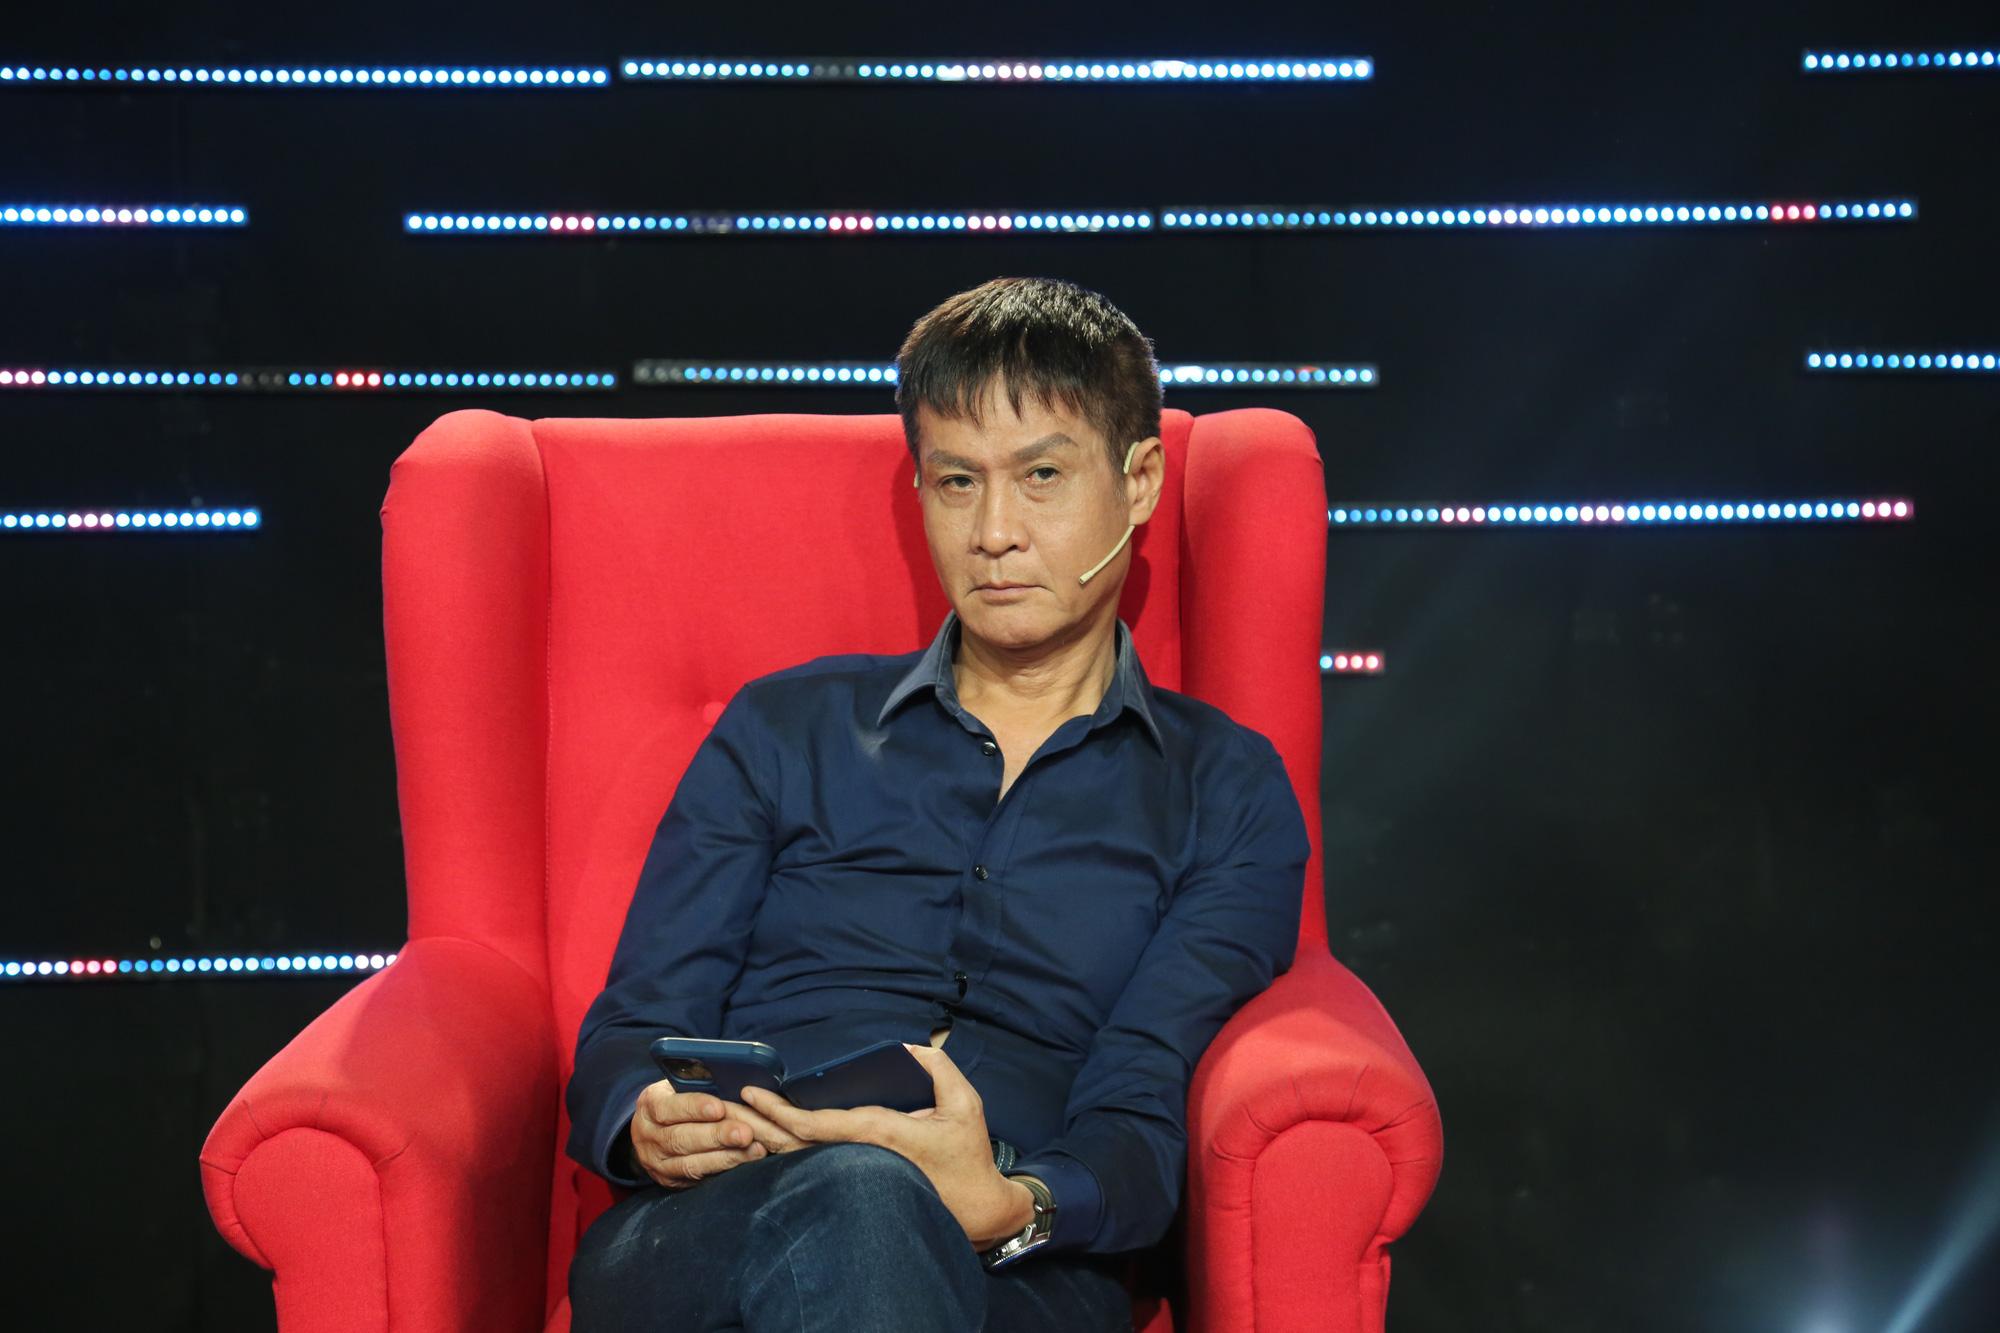 """Đạo diễn Lê Hoàng: """"Vì thẳng thắn, tôi chấp nhận người ta nghĩ xấu về mình"""" - Ảnh 3."""